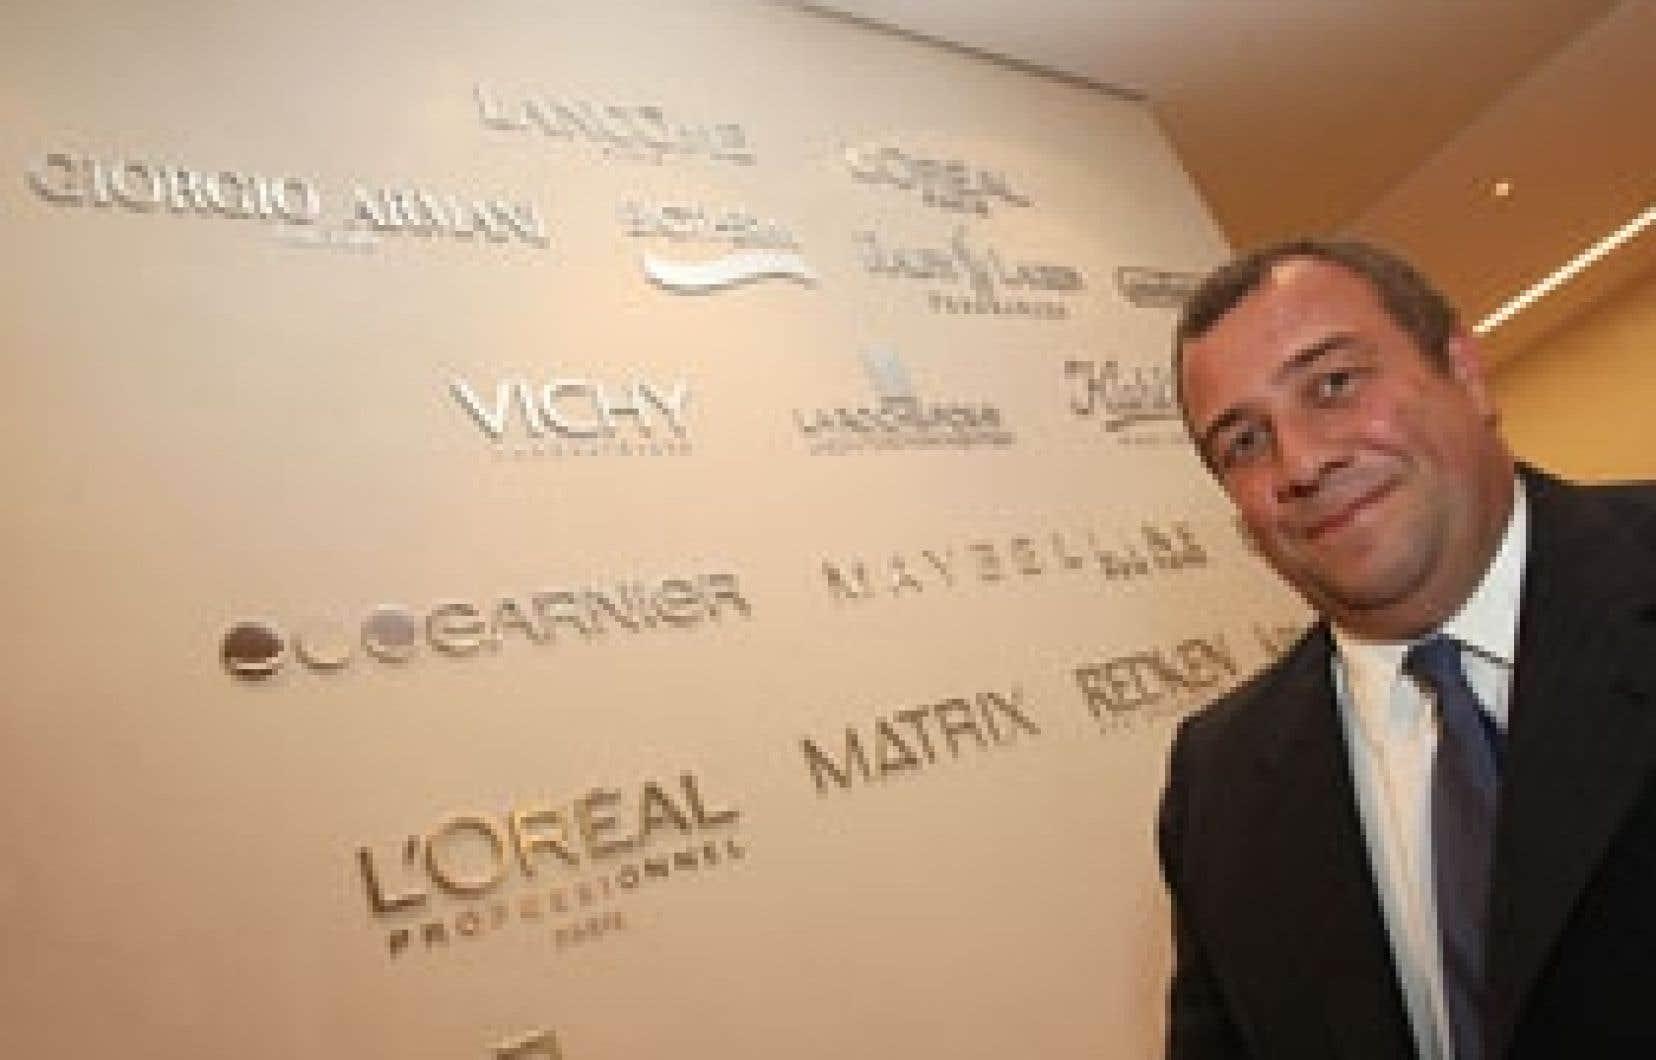 D'une certaine façon, explique Javier San Juan, p.-d.g. de L'Oréal Canada, L'Oréal est un «holding de marques».